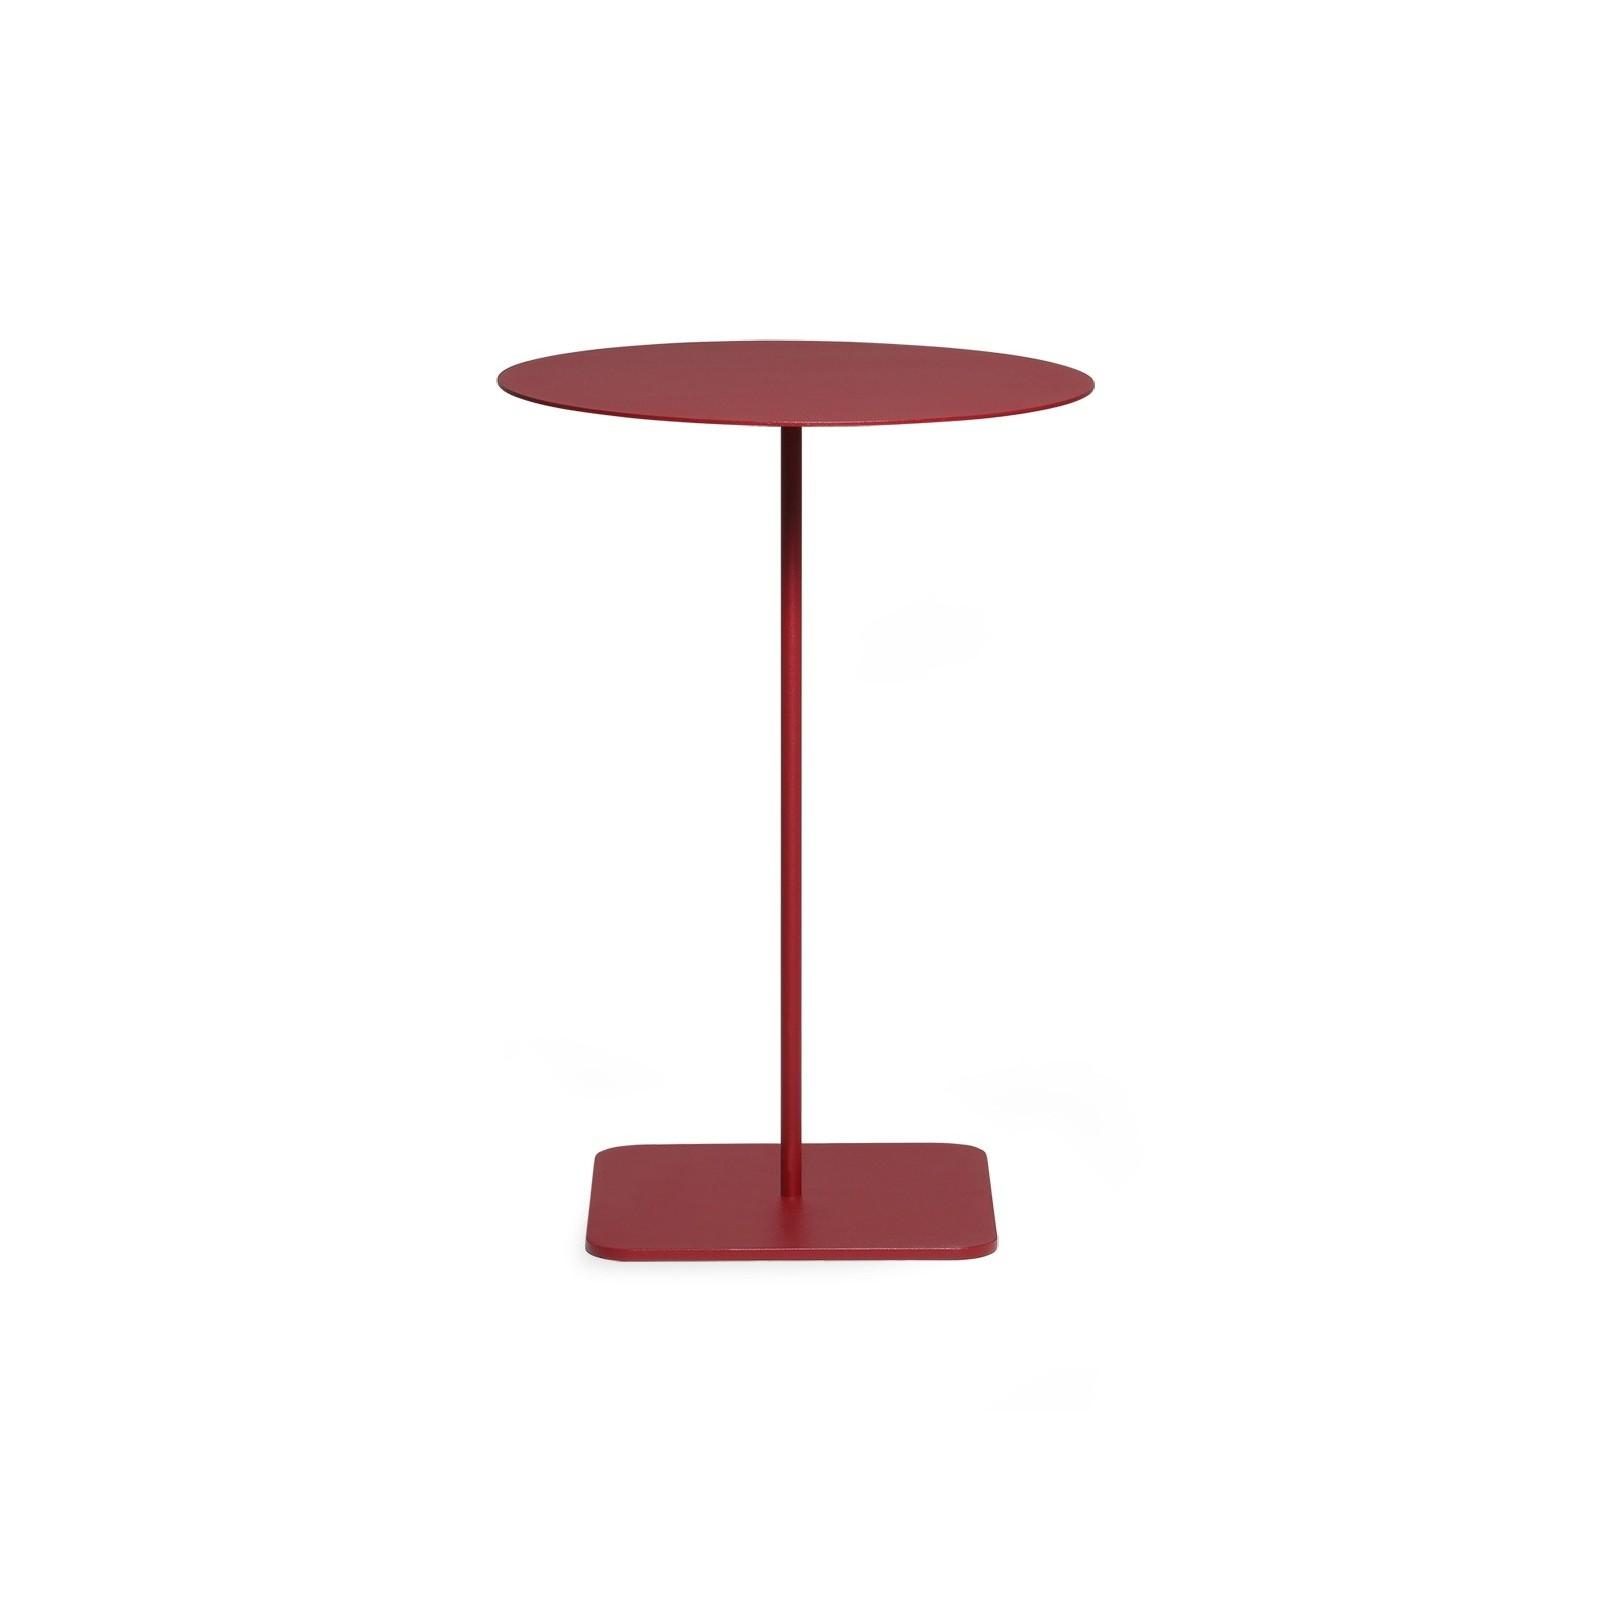 Stolik Mesita - 57 - czerwony